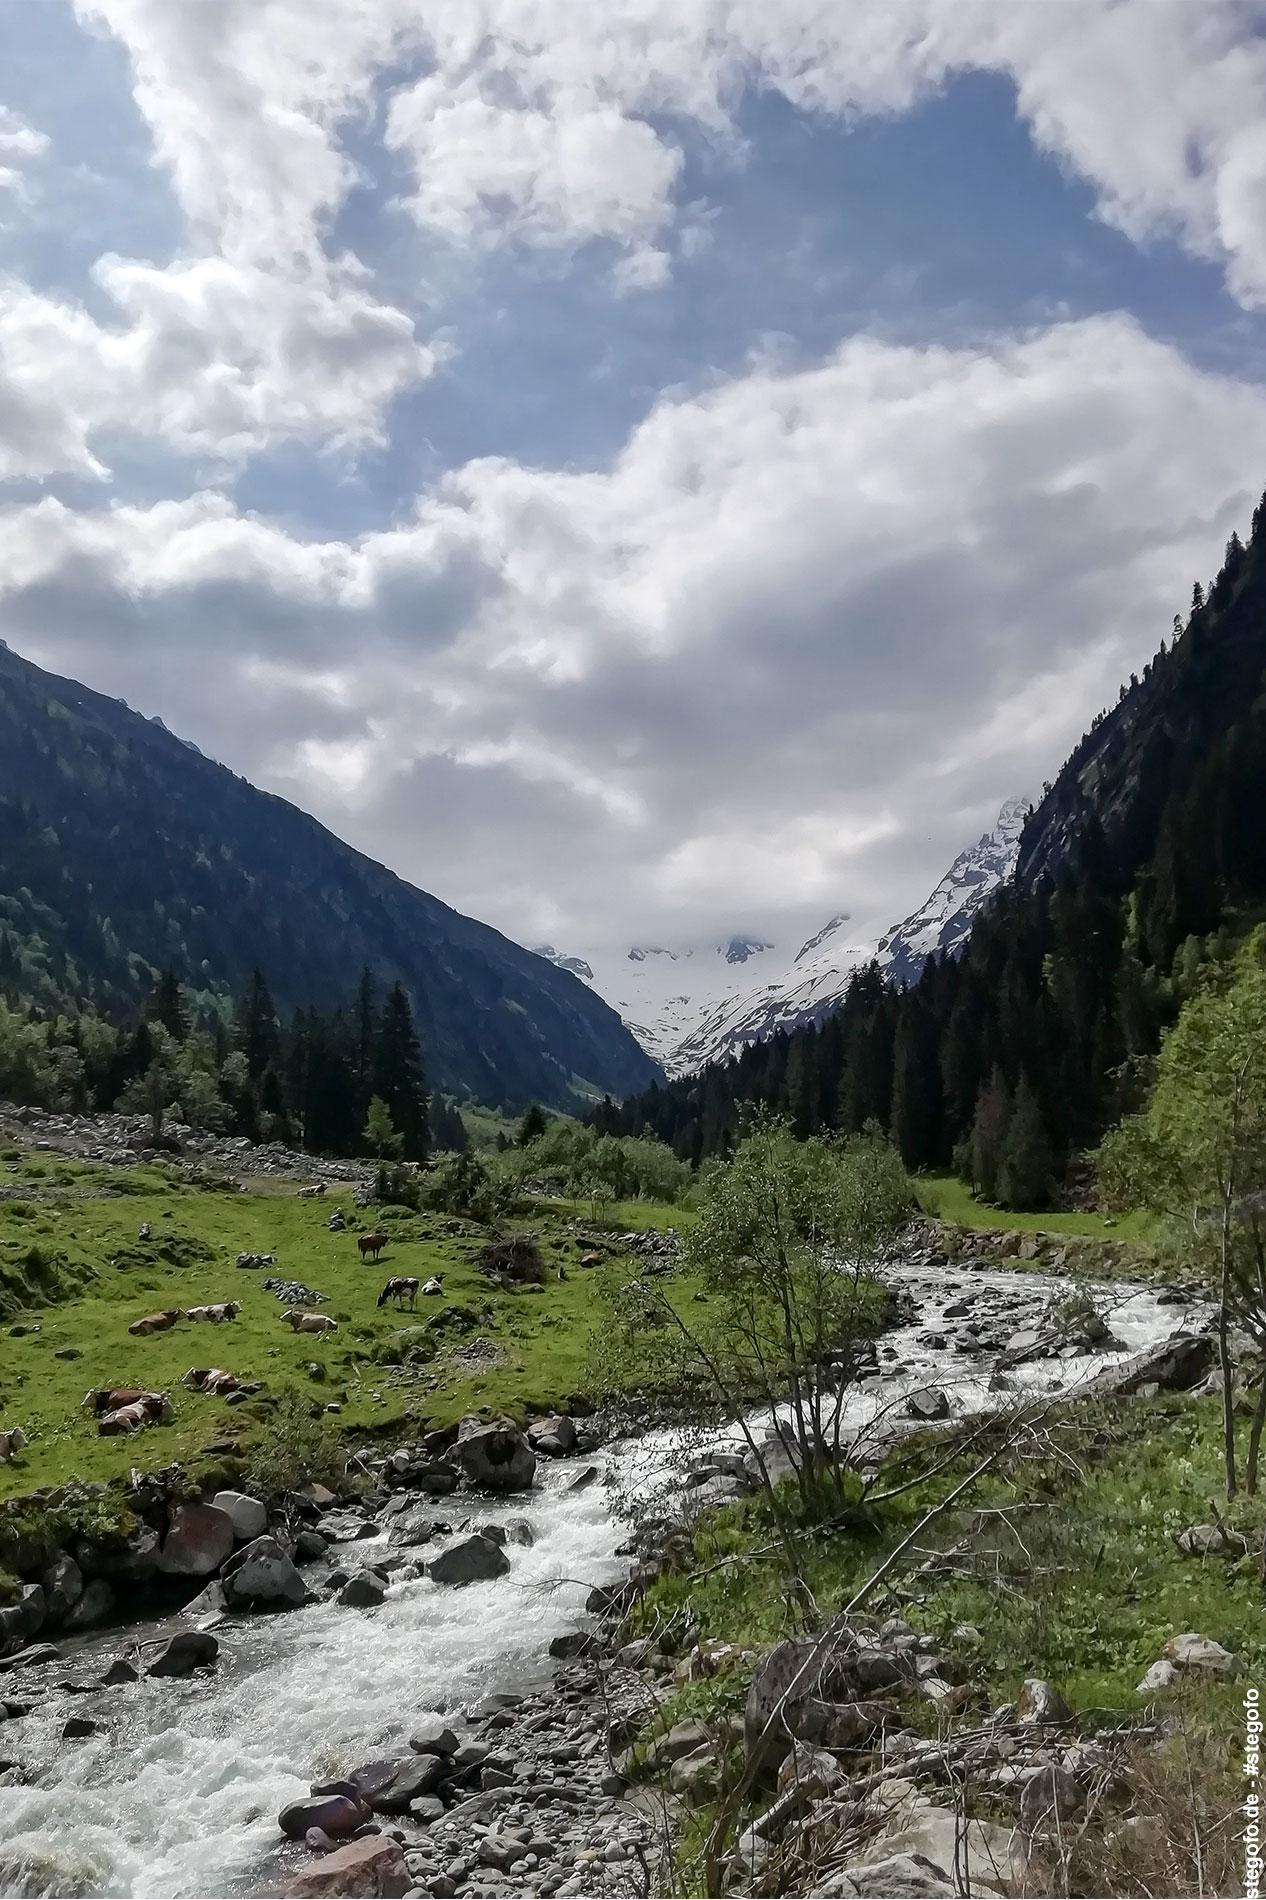 Der kleine Bach durch das Tal